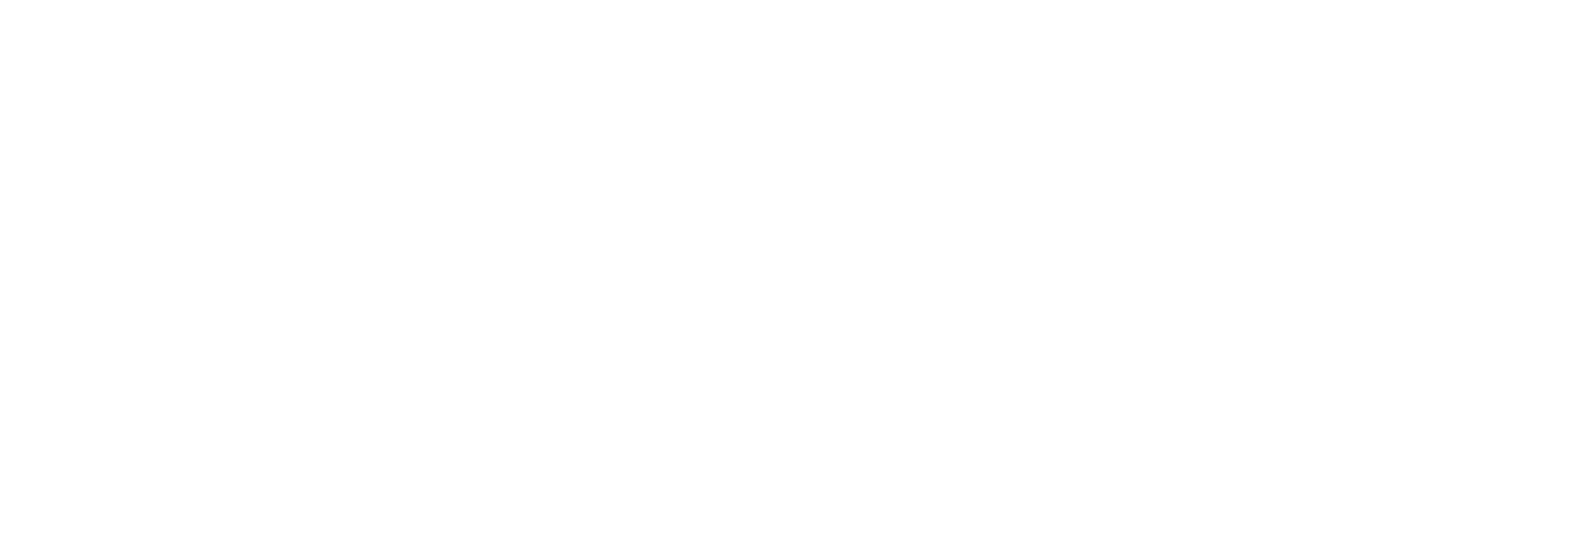 Key Solution Box